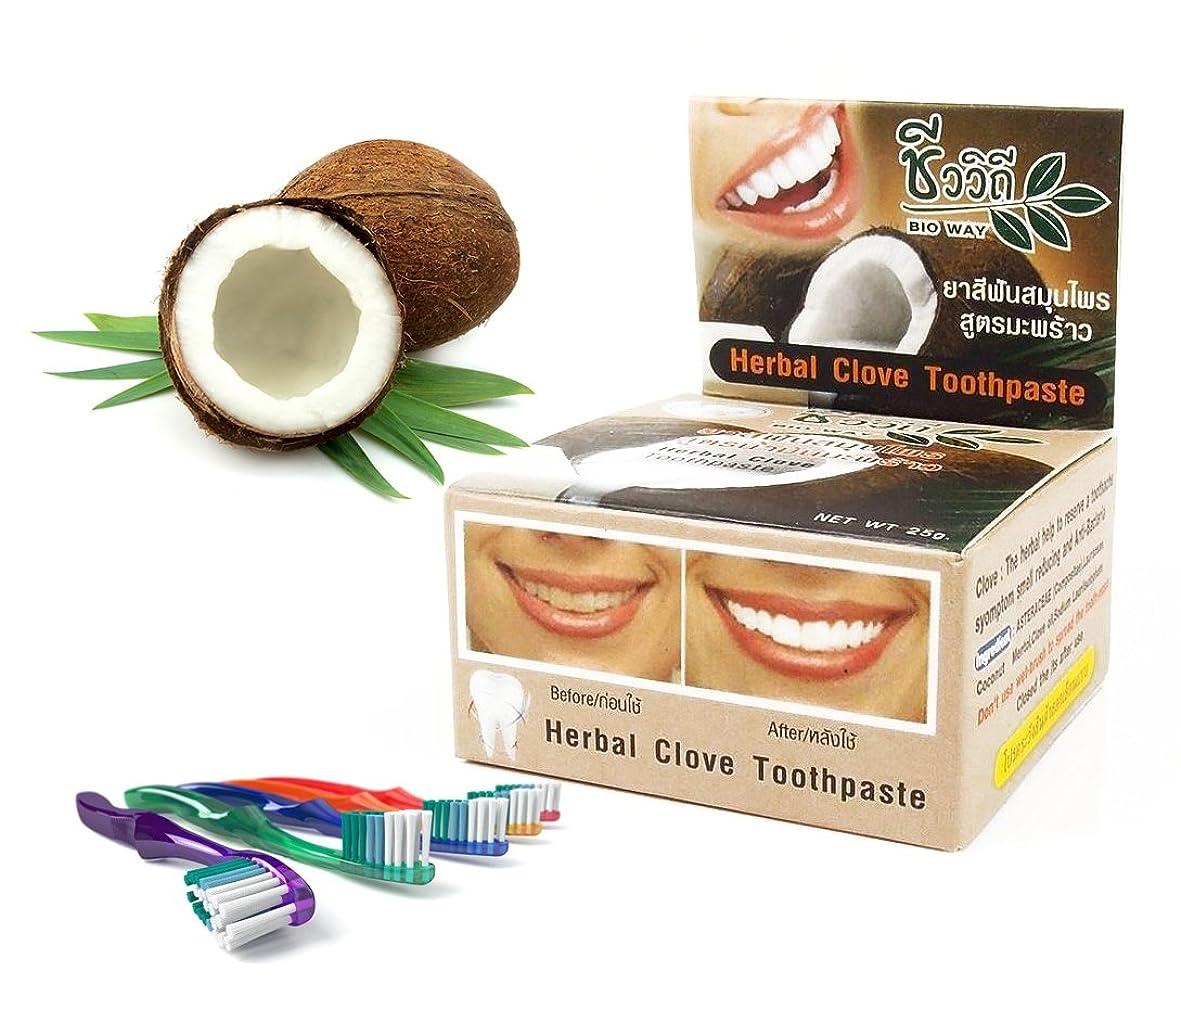 予備ビタミンMangos Teen. Toothpaste Coconut Natural Herbal Clove Teeth Whitening Help Eliminate Limestone Cigarette Coffee Reduced to have a Hypresensitive Tooth Anti Bacteria You have Fresh Breath for Along Time.